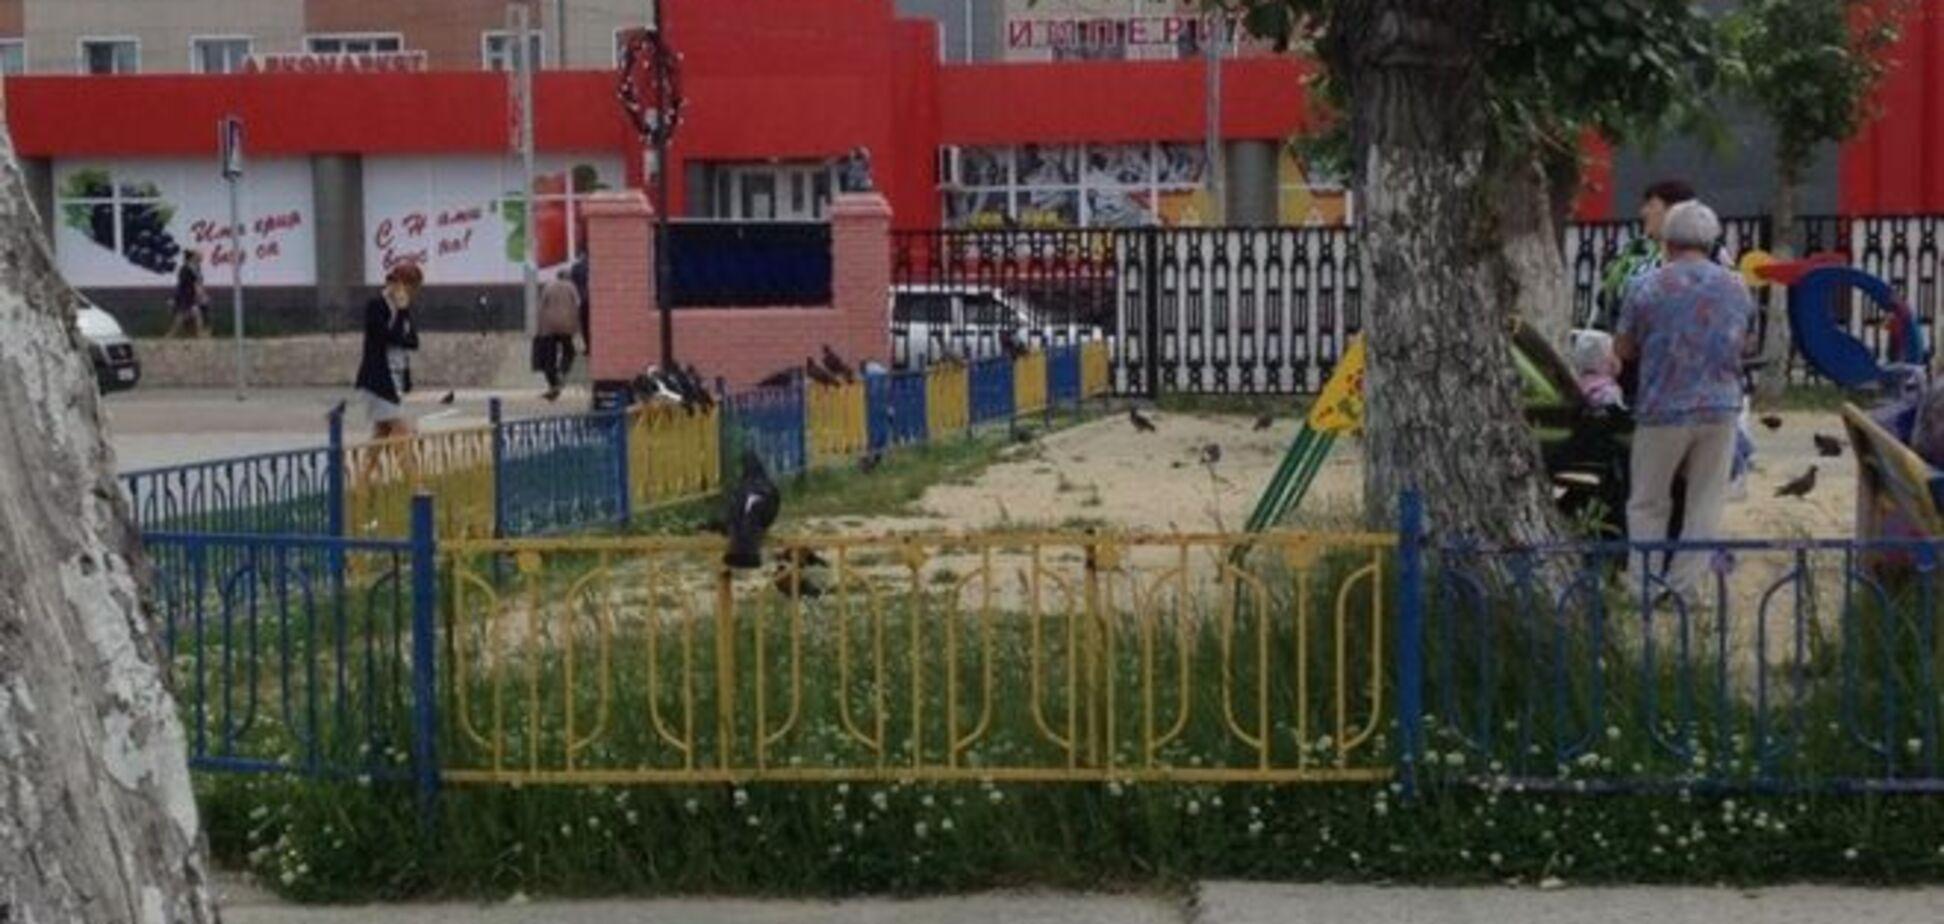 Росіян розлютив синьо-жовтий паркан навколо дитячого майданчика: документ